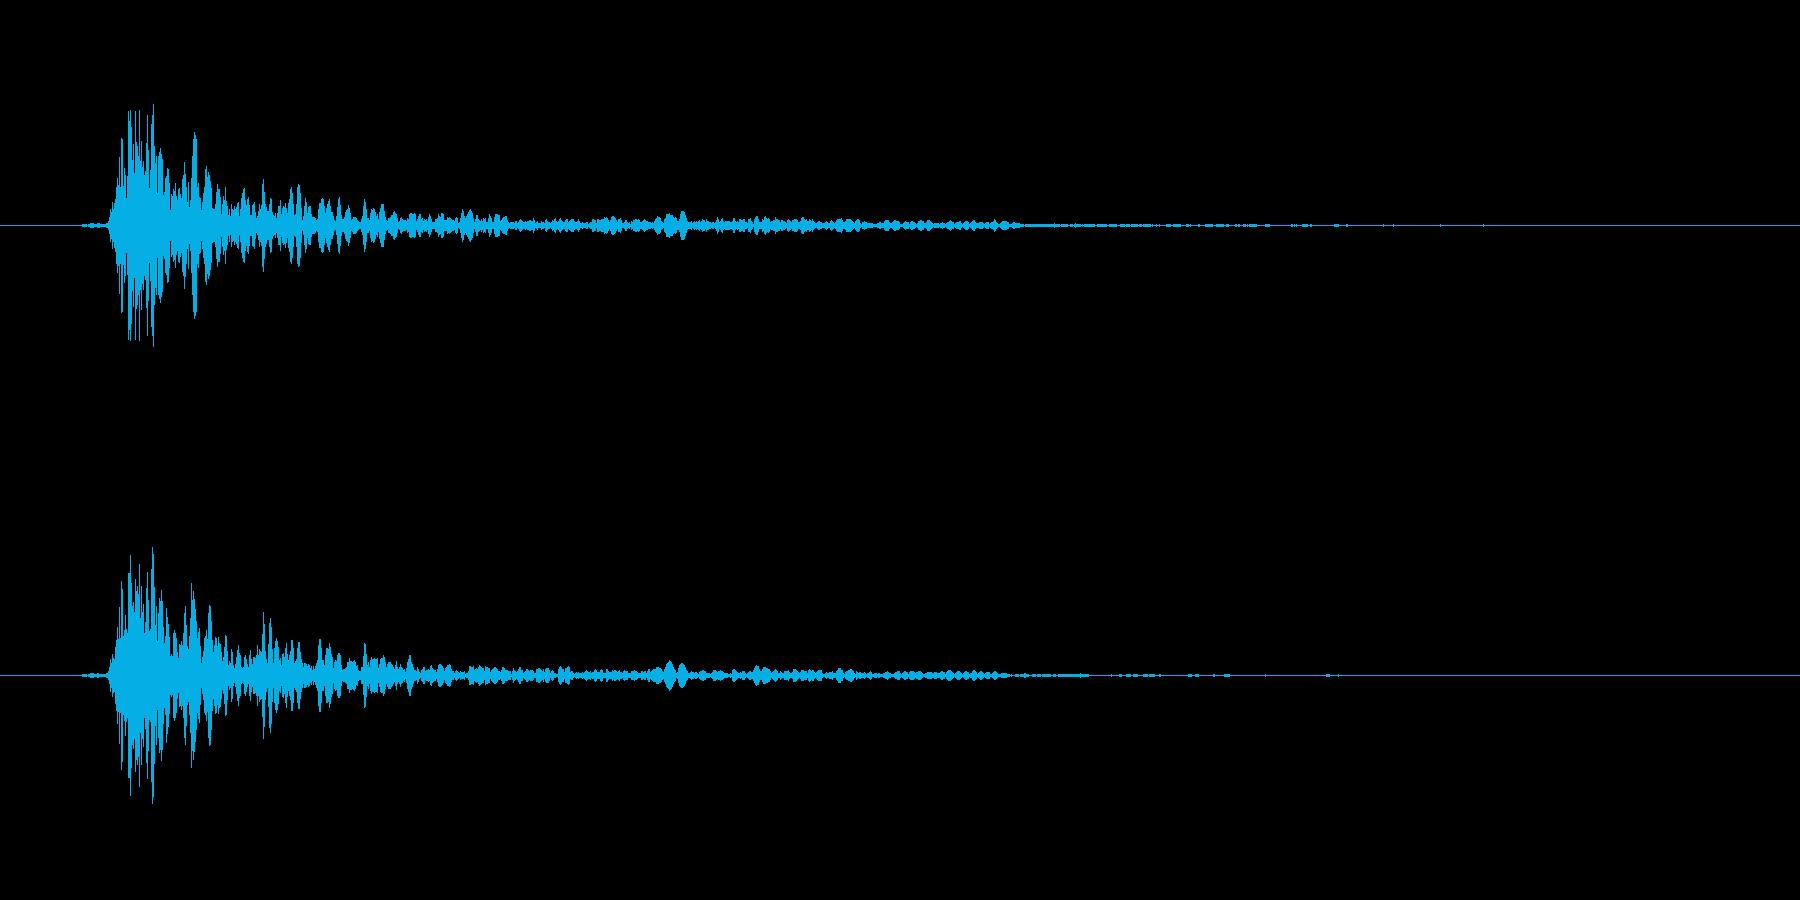 大砲の音バリエーション1の再生済みの波形